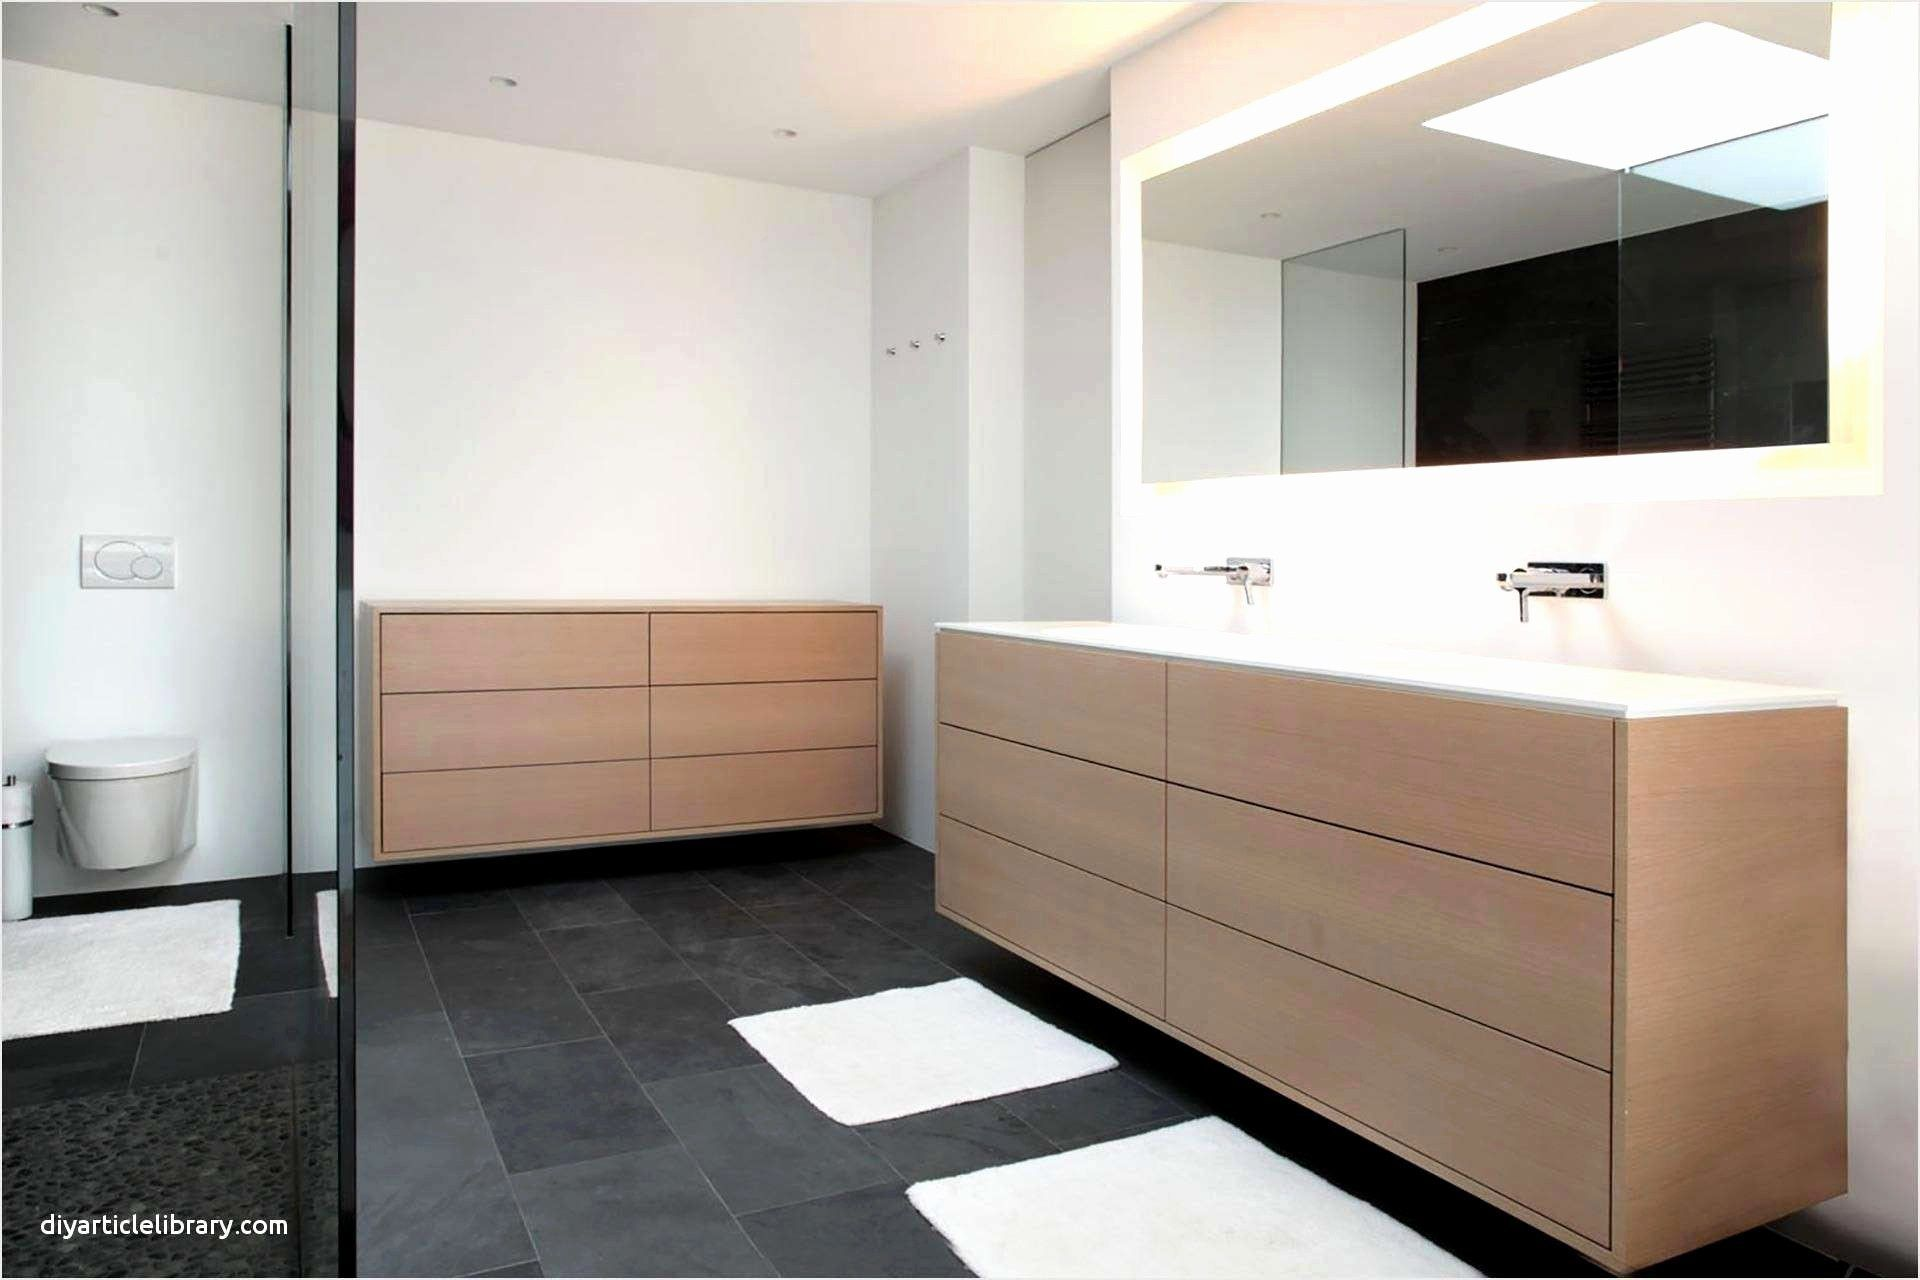 7 Badezimmer Neubau Kosten Beste Fur Dachdecken Kosten Rechner Diy Eintagamsee Bathroom Bathtub